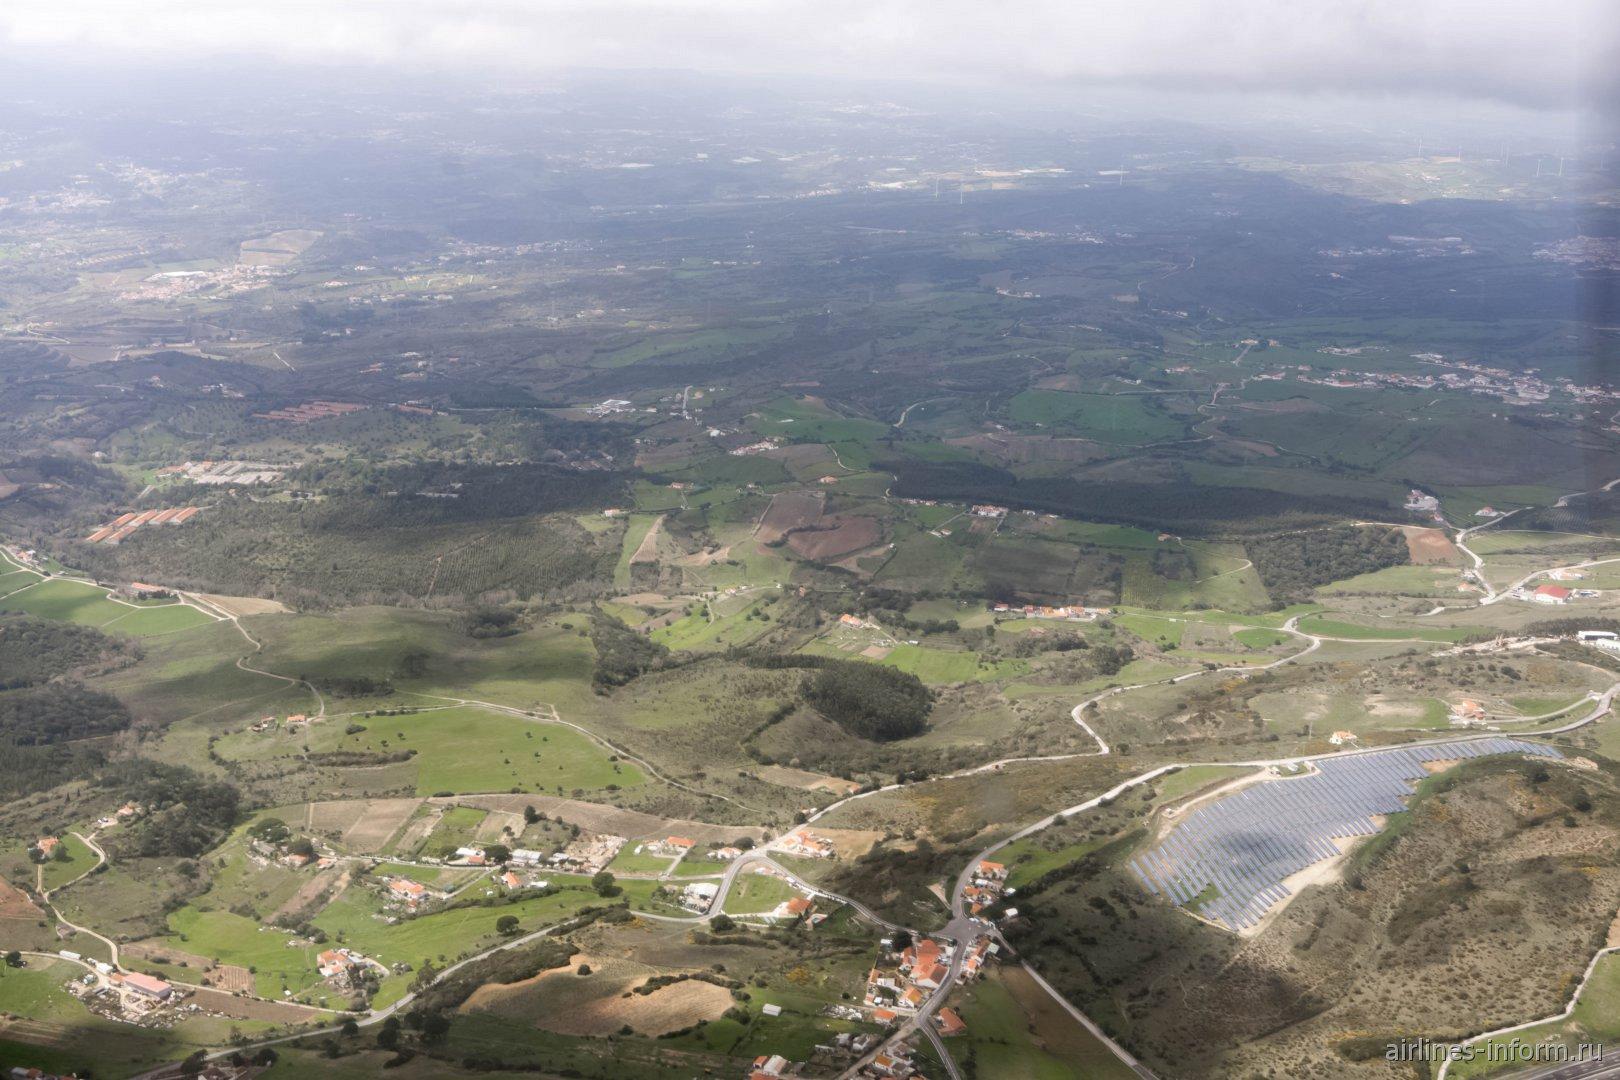 В полета над Португалией в окрестностях Лиссабона